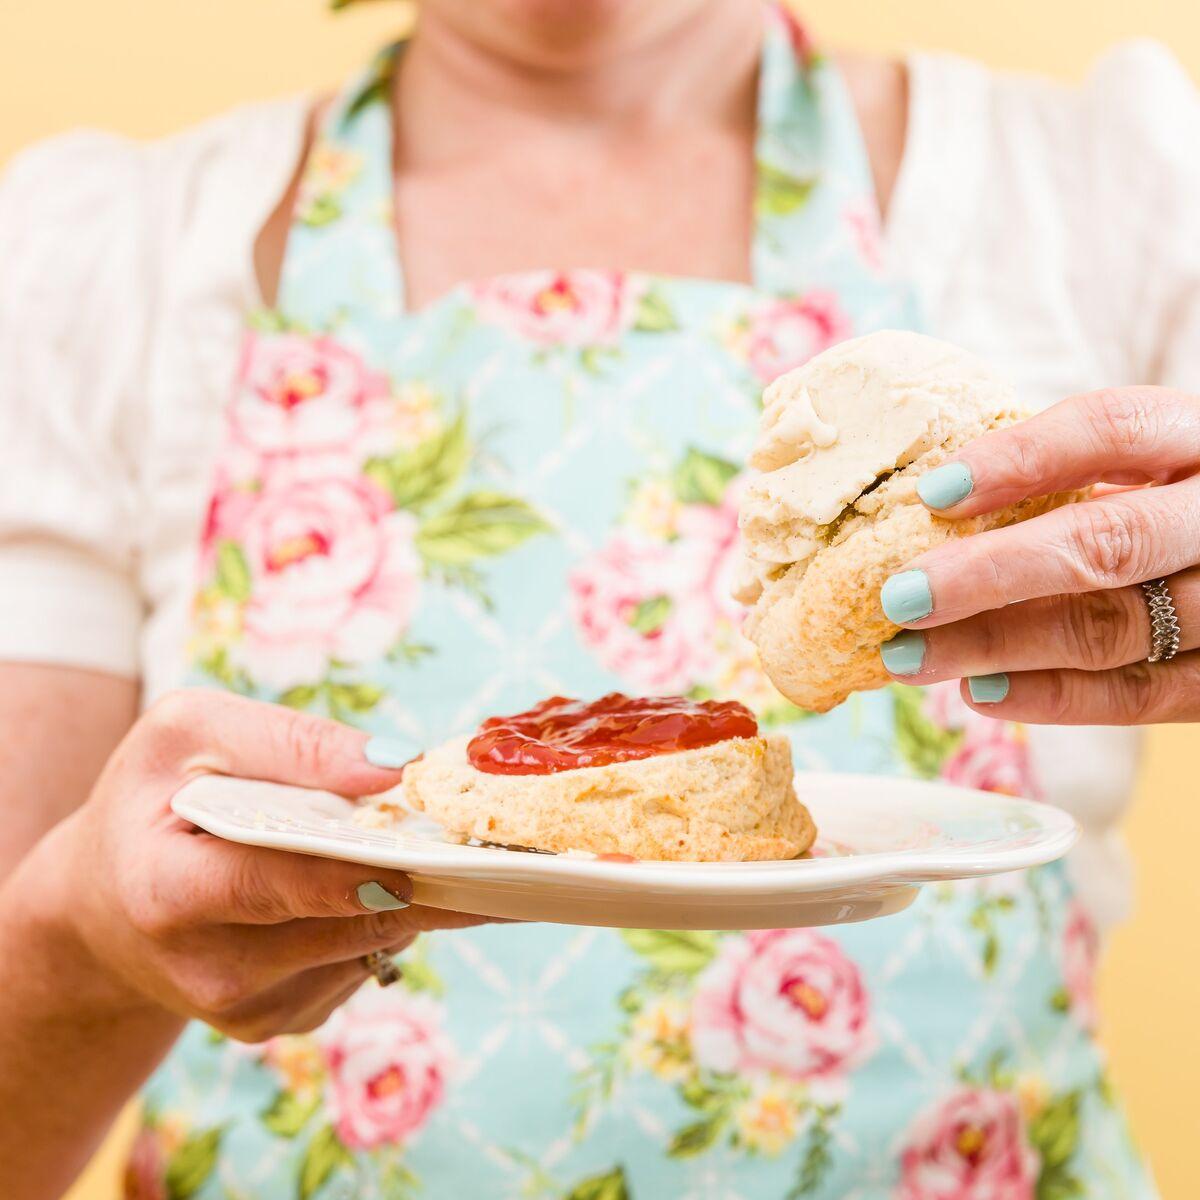 Clotted Cream Ice Cream Sandwich